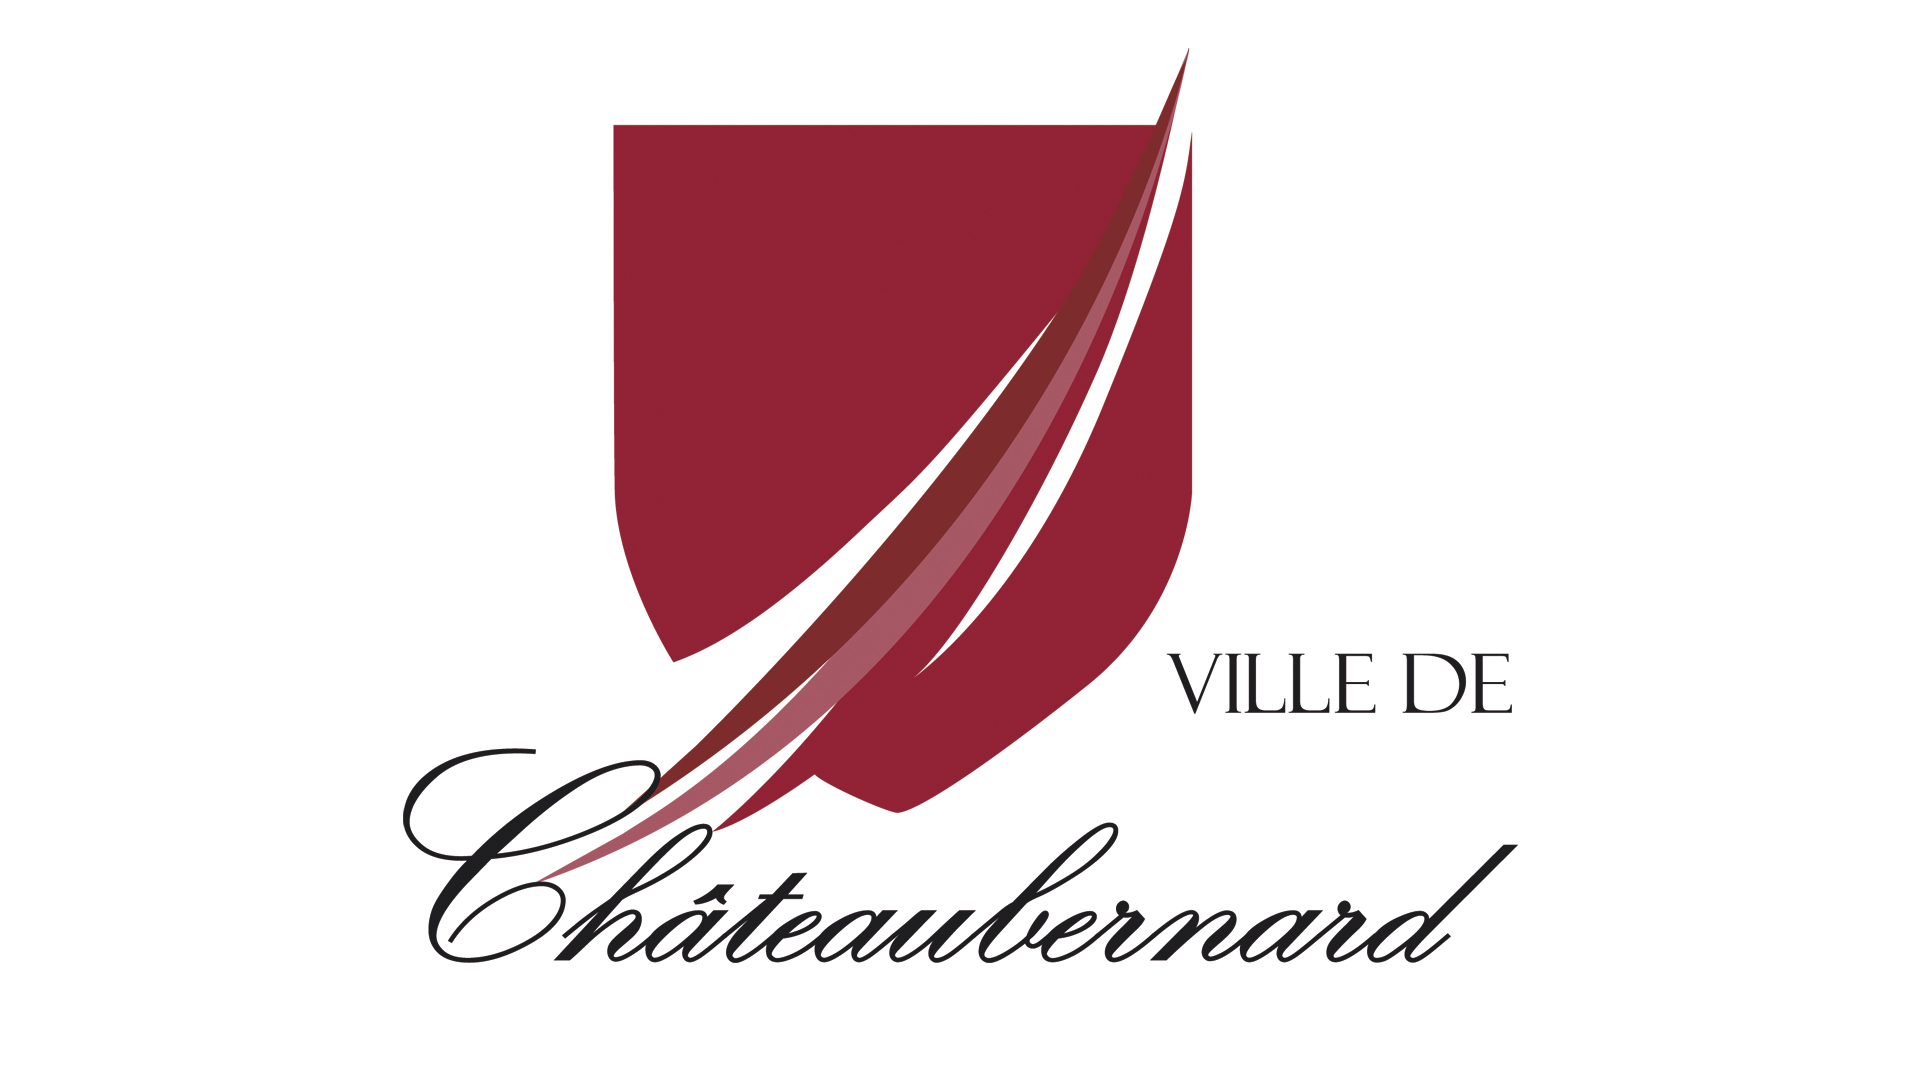 Ville de Chateaubernard